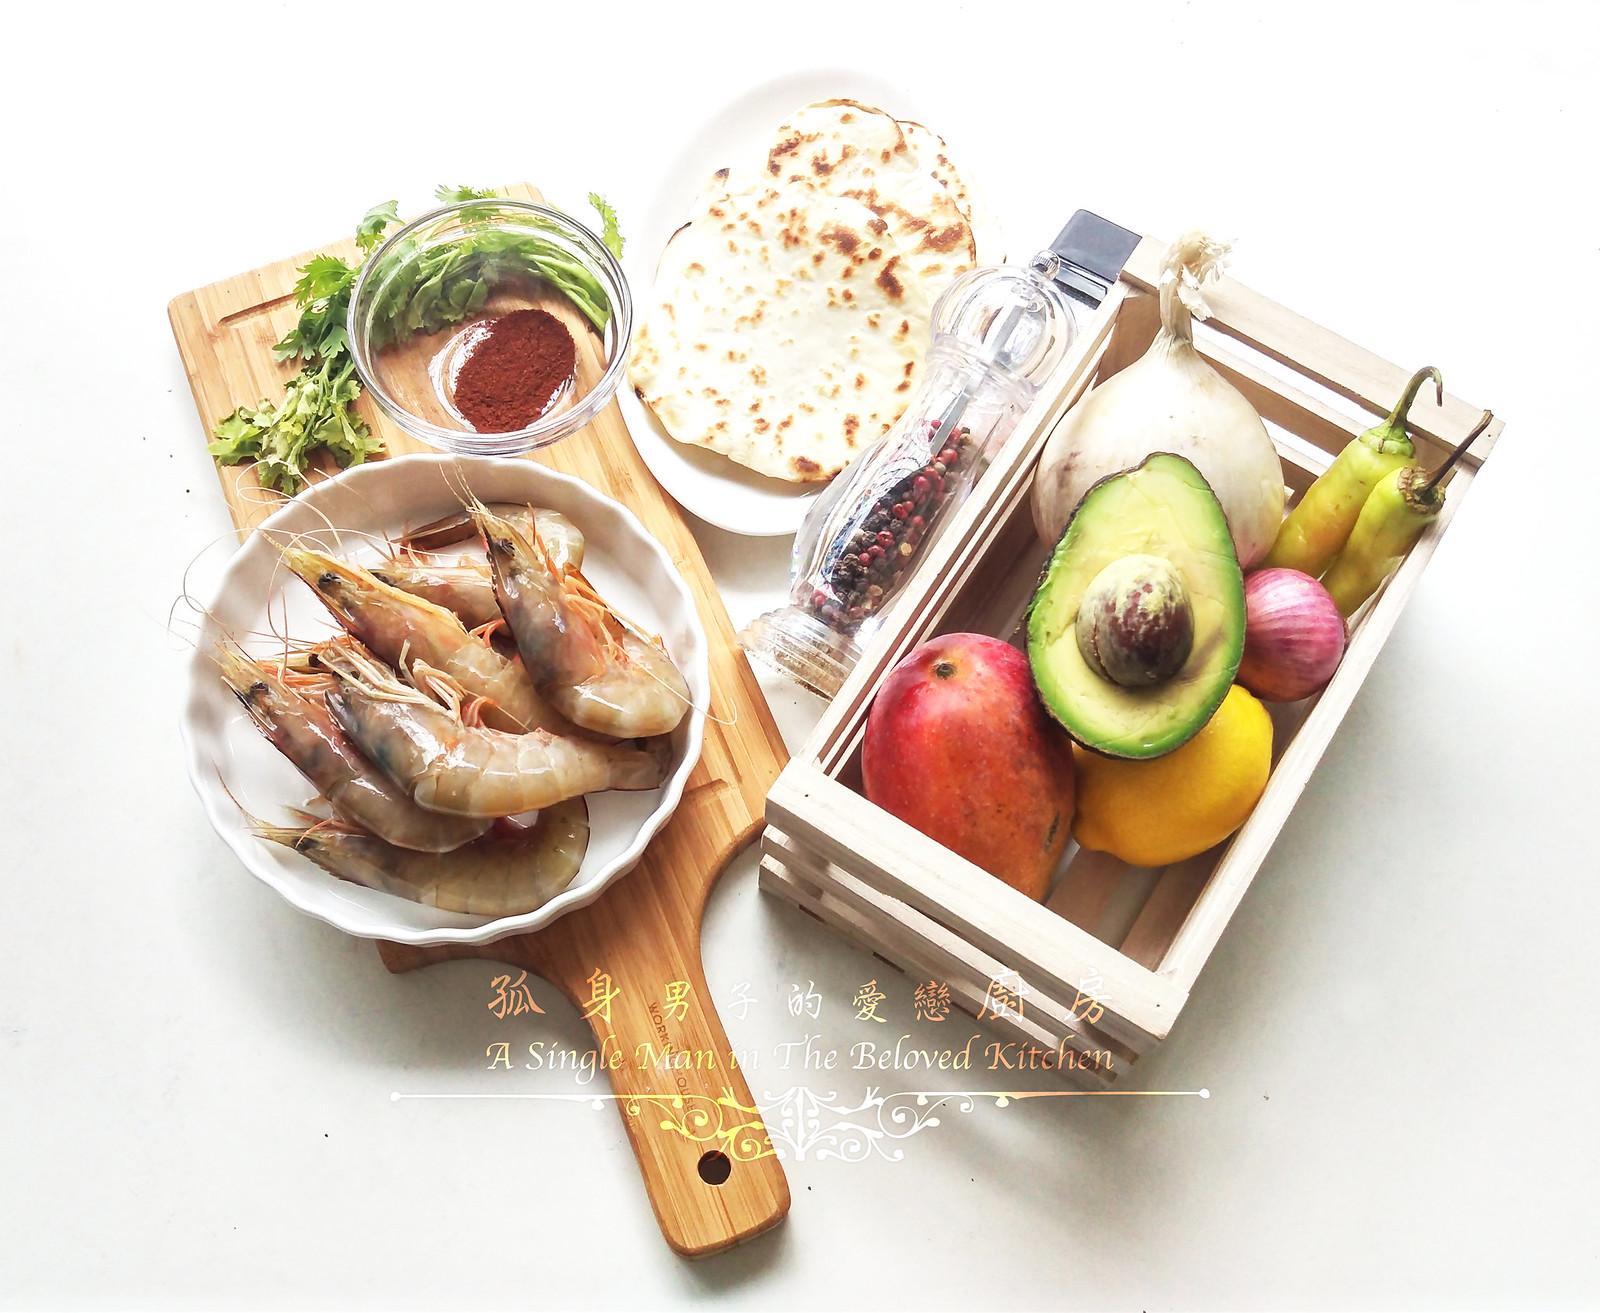 孤身廚房-墨西哥烤紅爐蝦酪梨芒果莎莎醬塔可(下)-烤紅爐蝦酪梨芒果莎莎醬1